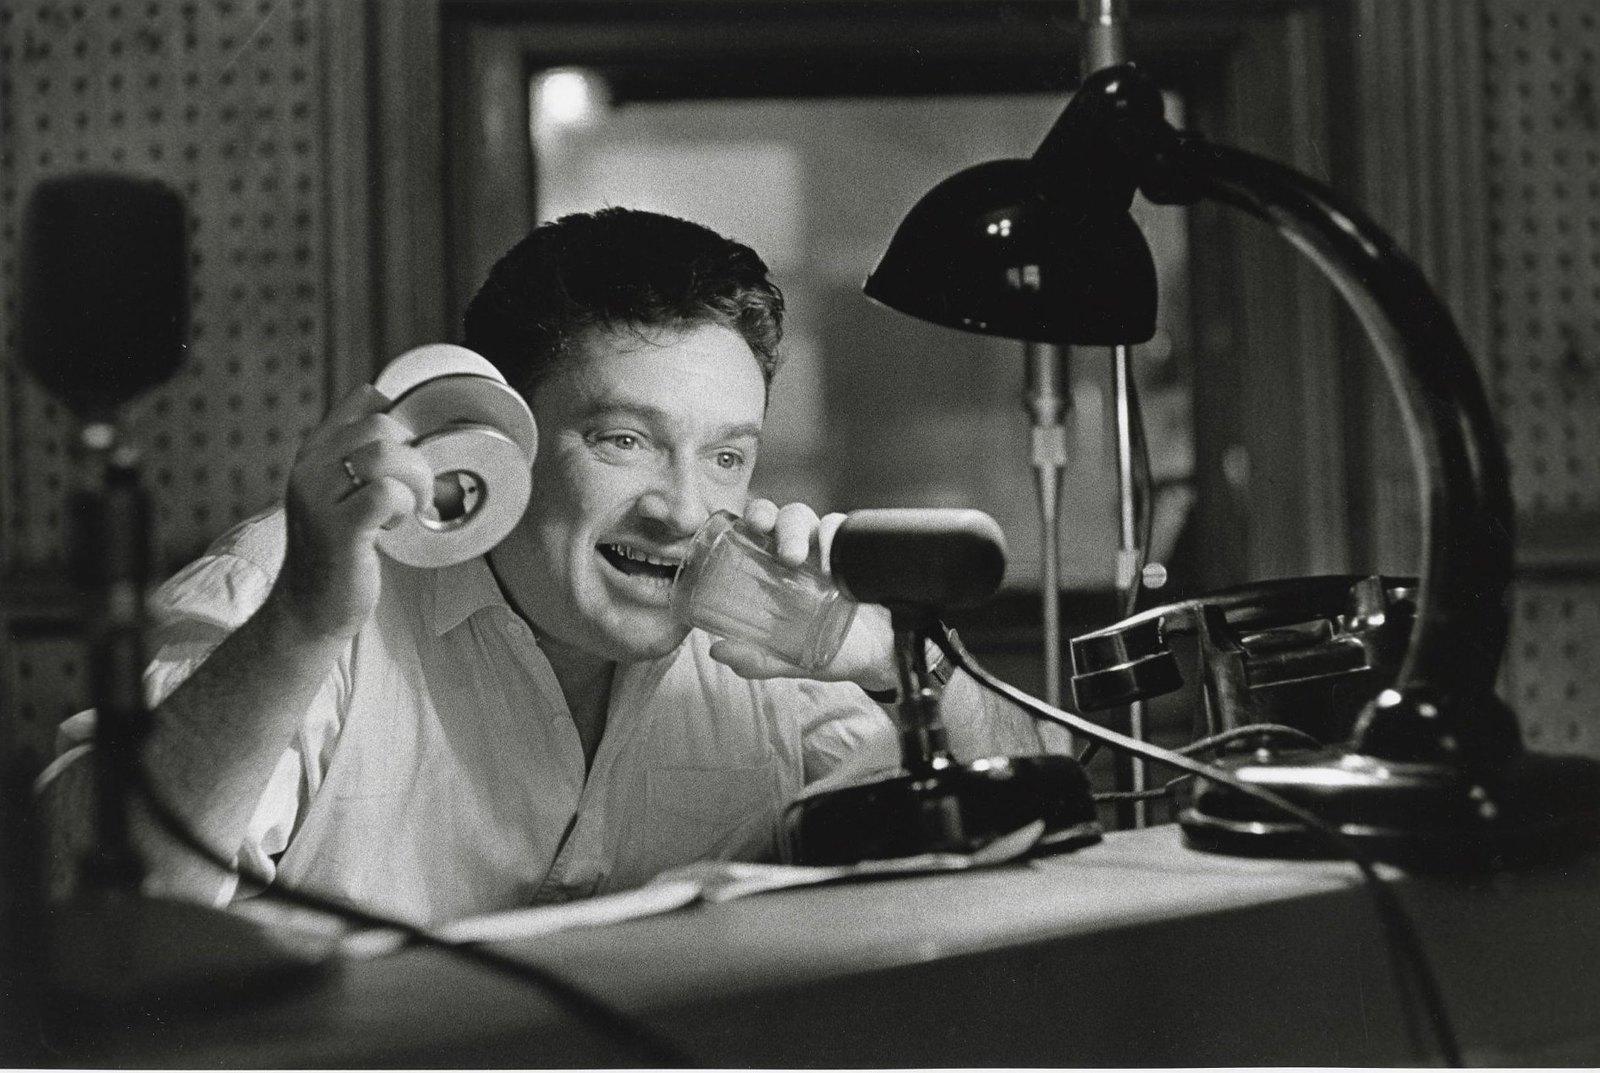 1960-е. Запись радиоспектакля. Актер Евгений Весник